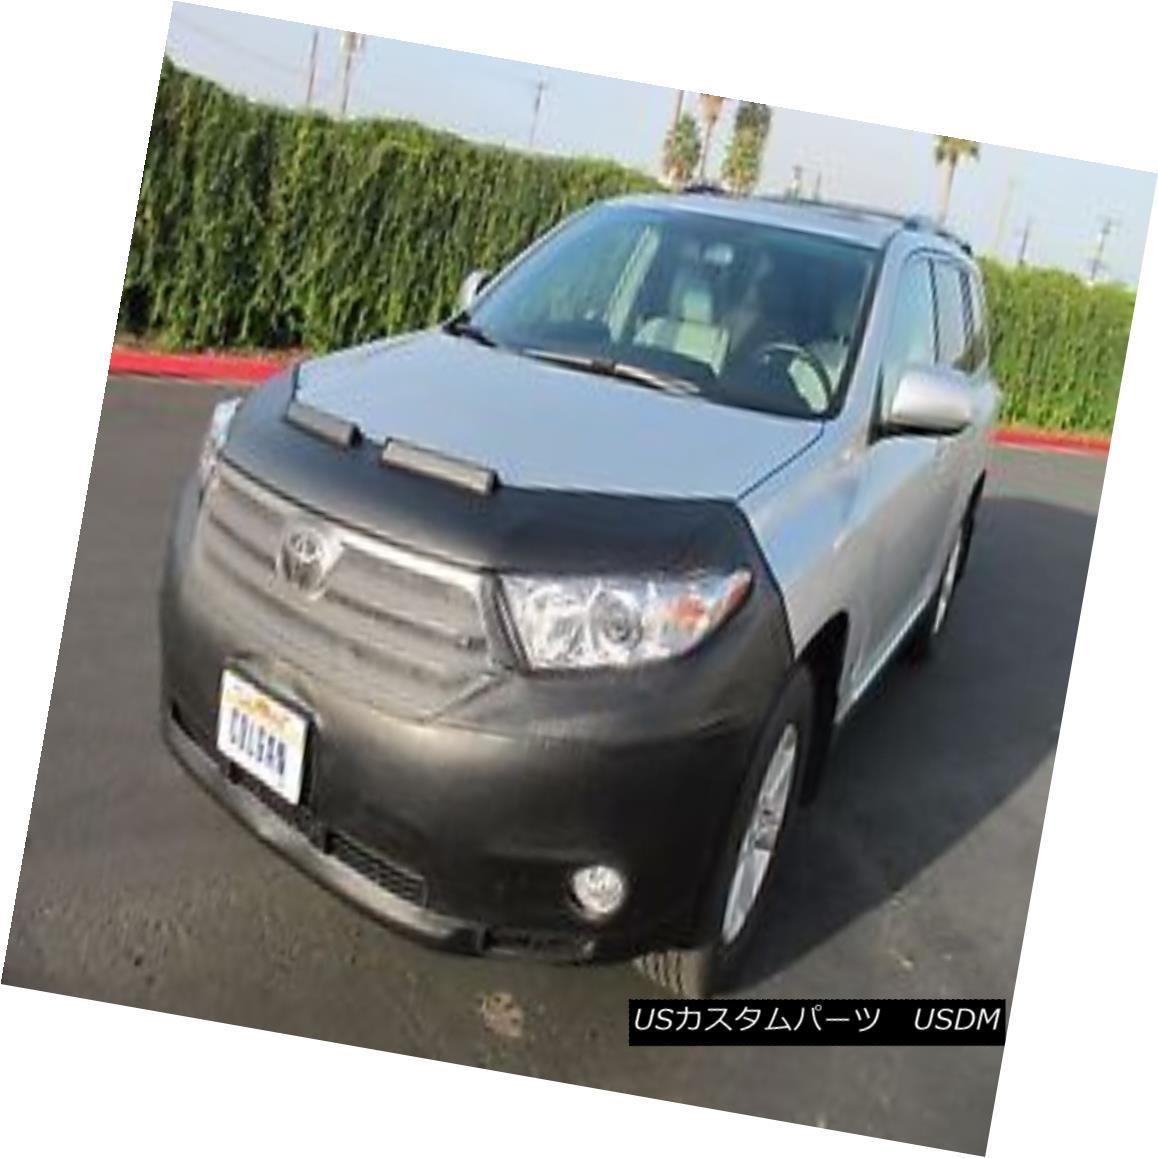 フルブラ ノーズブラ Colgan Front End Mask Bra 2pc. Fits Toyota Highlander 2011-2013 W/Lic.Plate コルガンフロントエンドマスクブラ2pc トヨタハイランダー2011-2013 W / Lic.Plateに適合